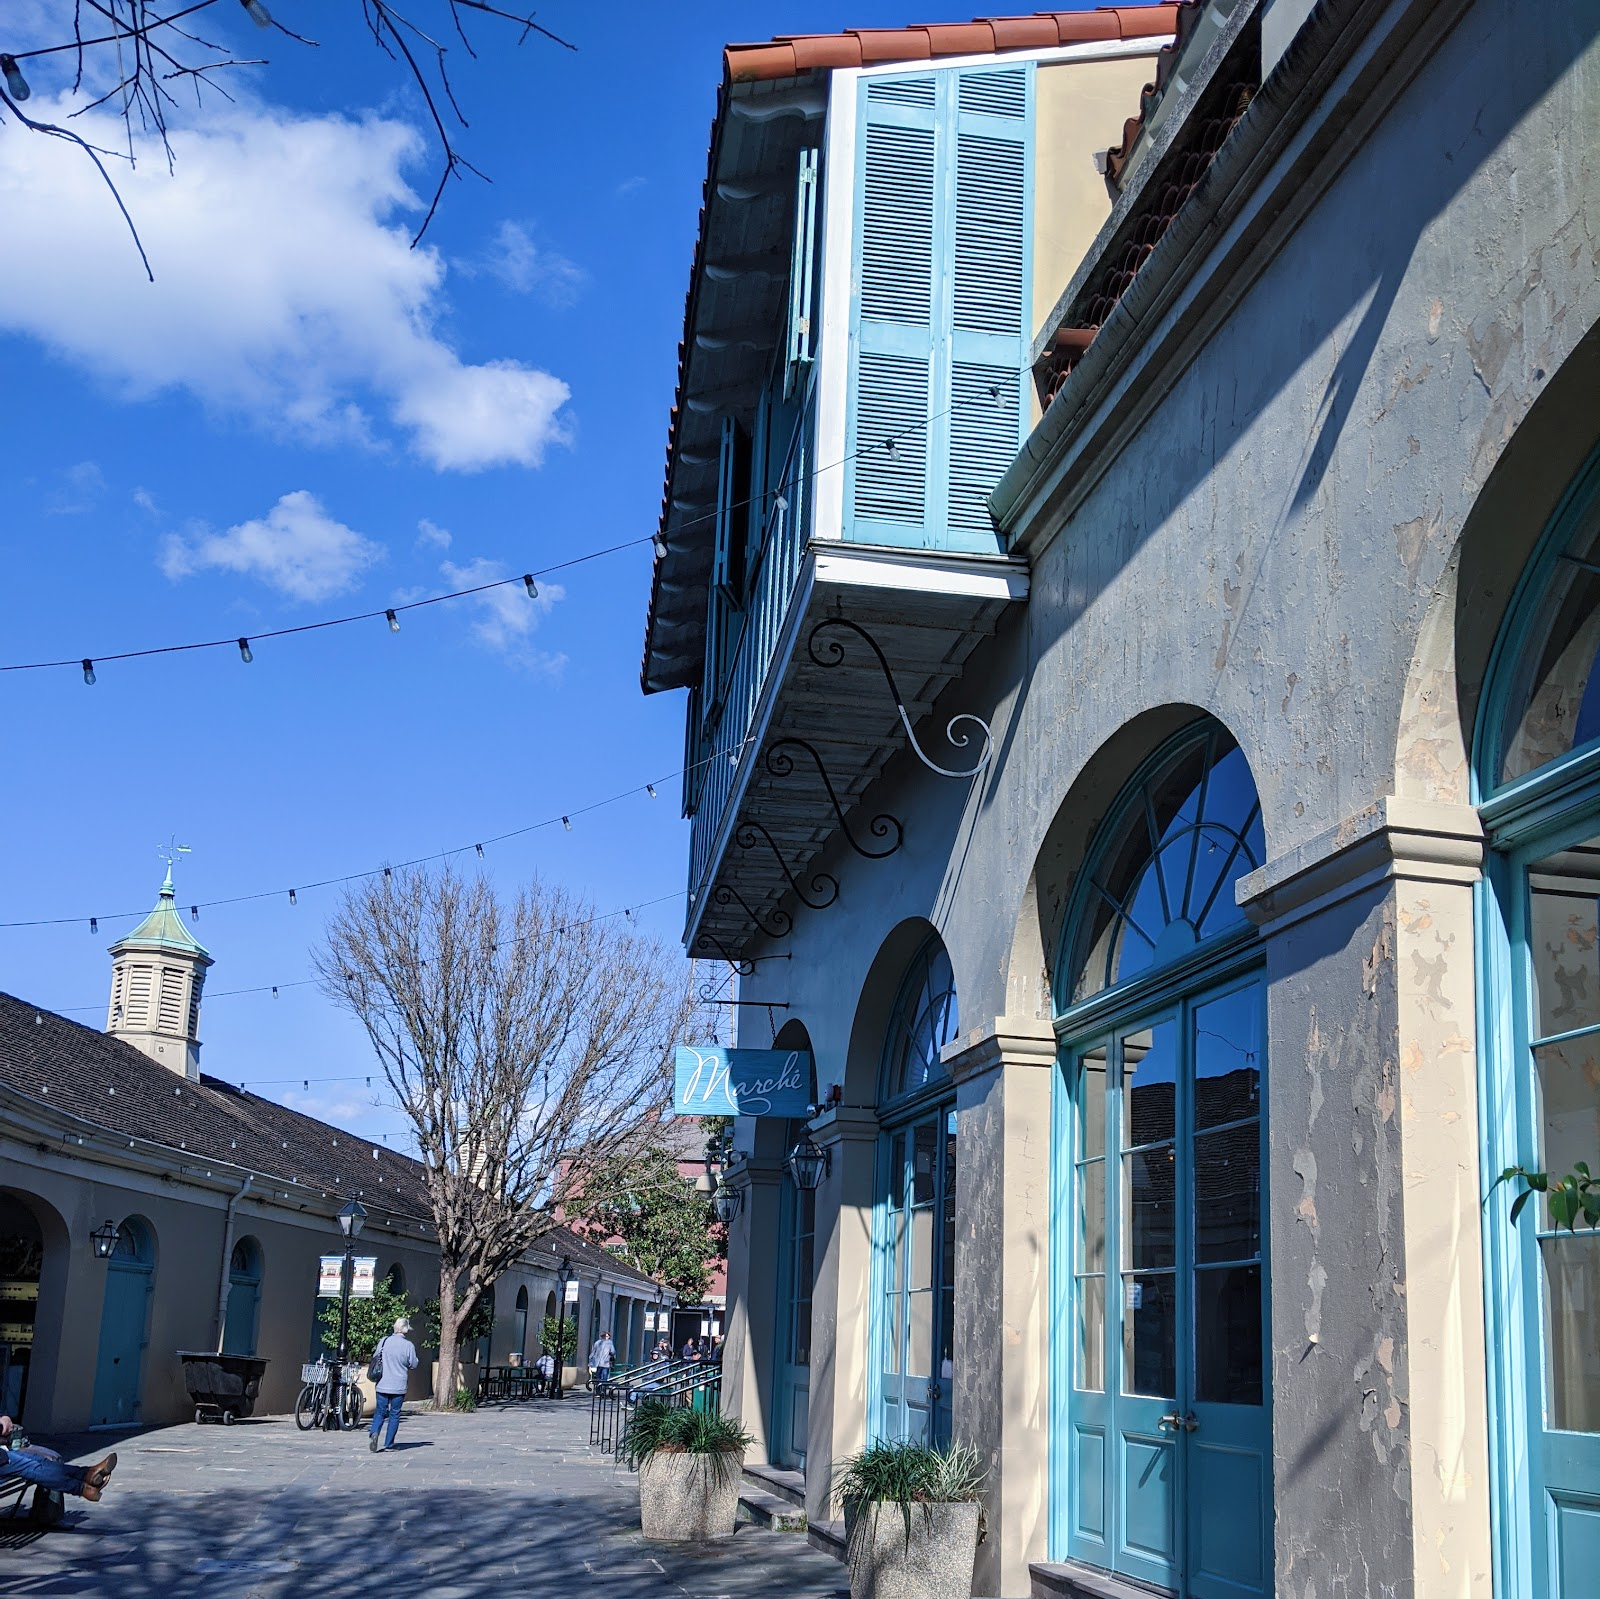 השוק הצרפתי הרובע ניו אורלינס לואיזיאנה לתיירים